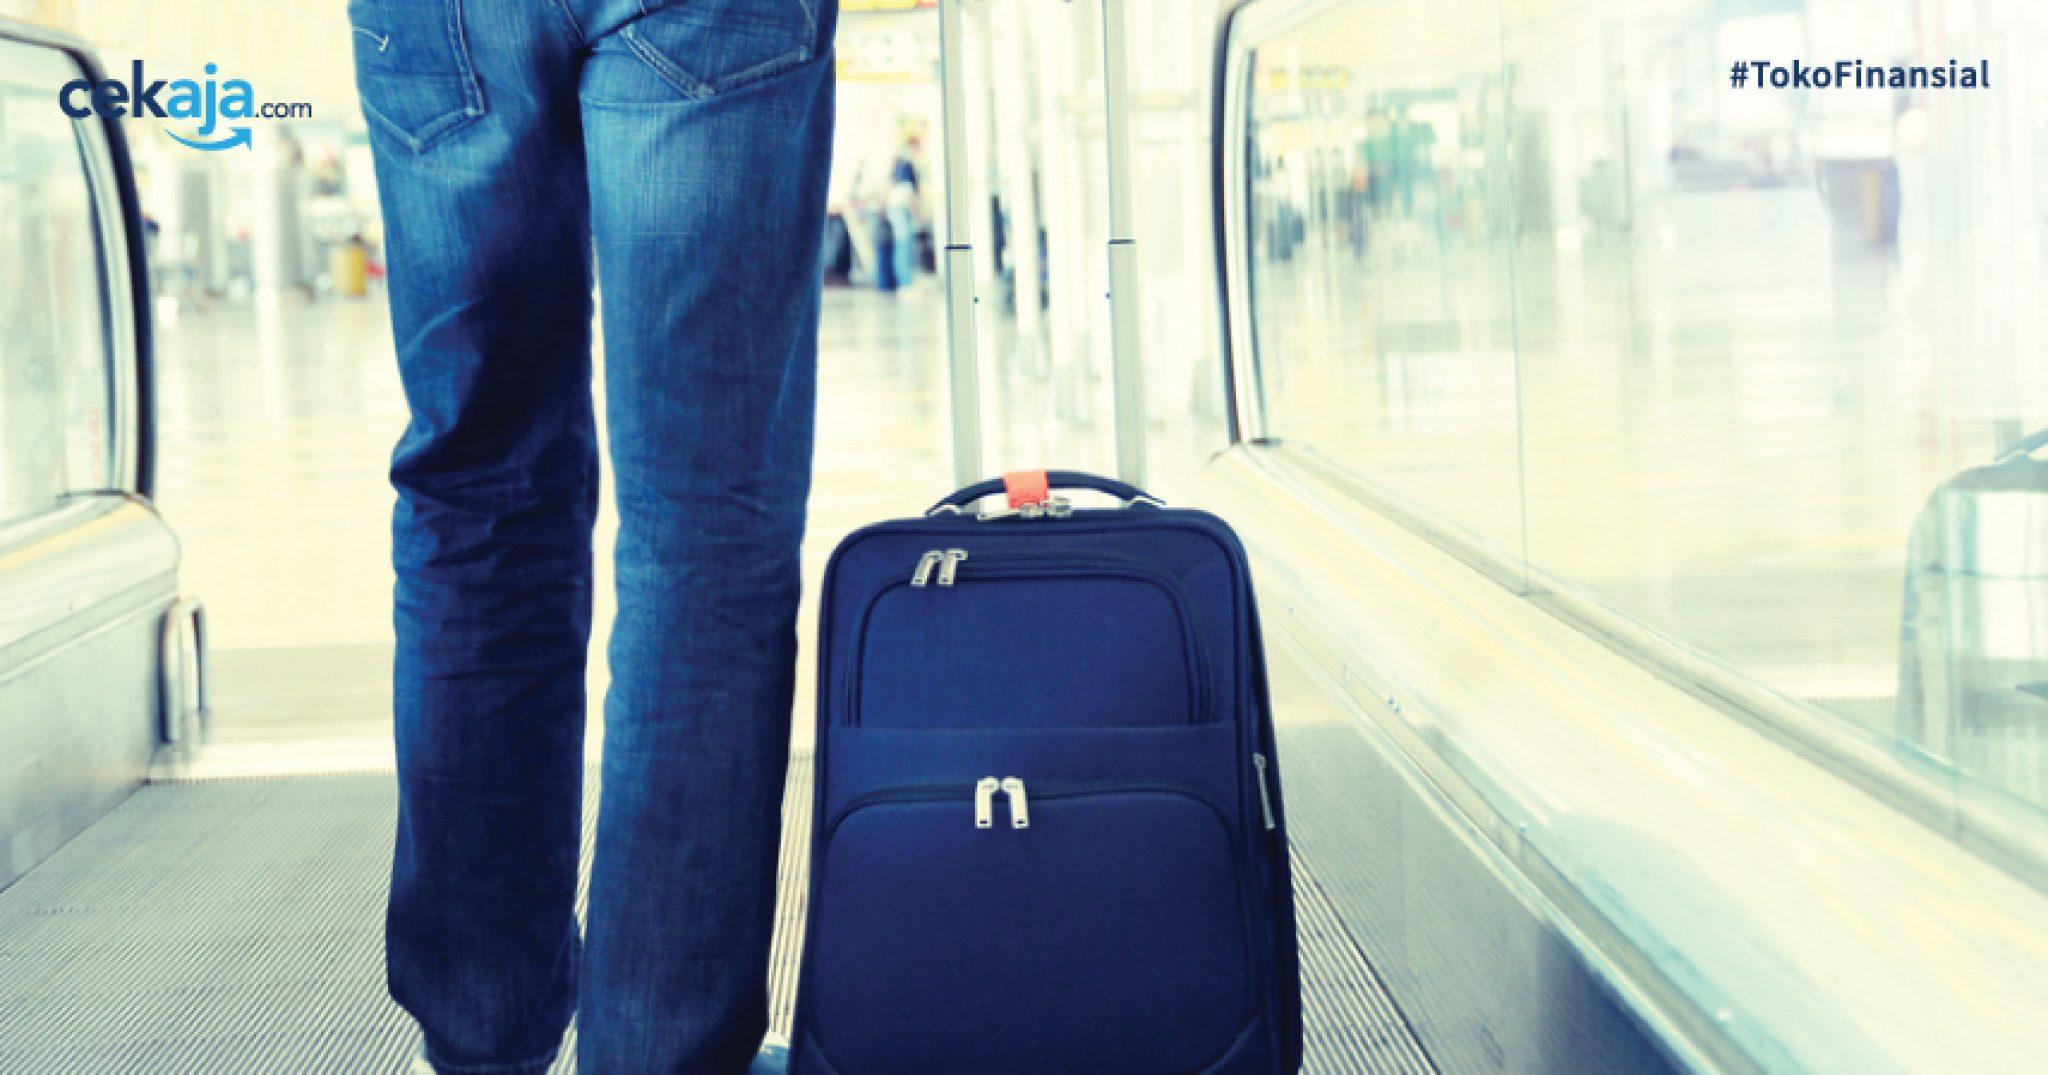 Tidak Perlu Takut Koper Dibobol di Bandara Jika Sudah Baca Tips Ini CekAja